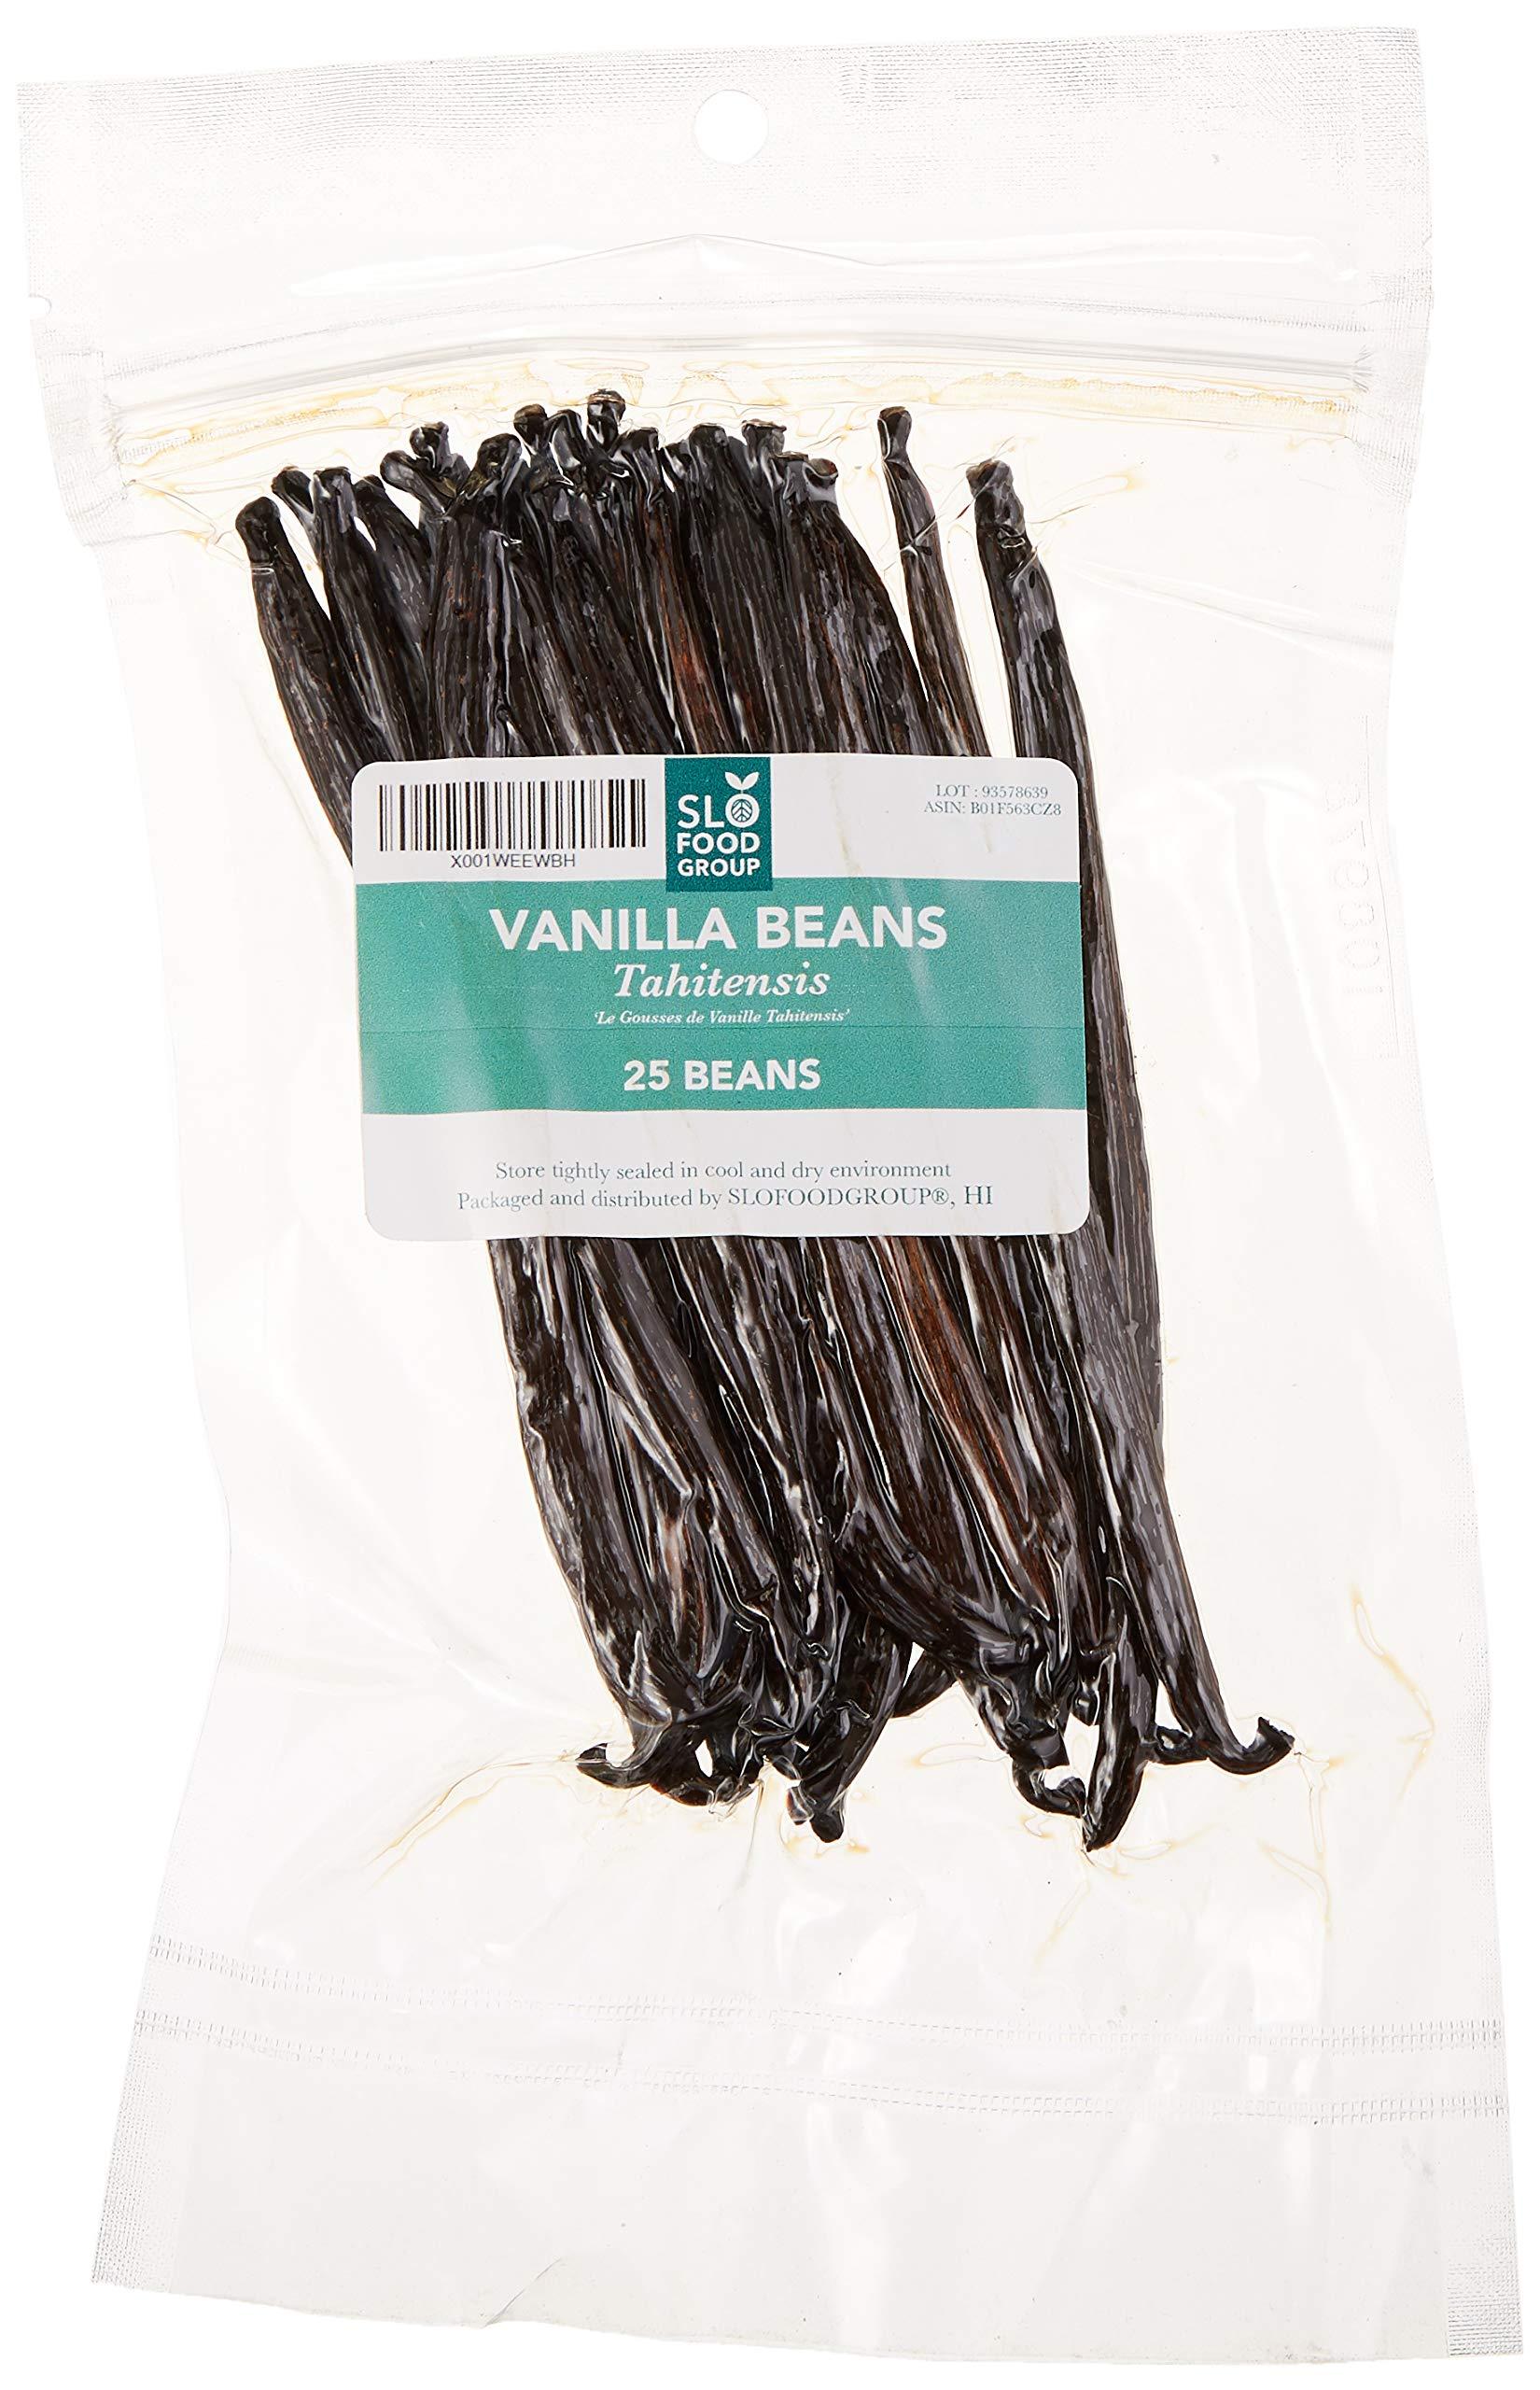 Vanilla Beans Tahitian Vanilla by Slofoodgroup Vanilla Tahitensis Premium Quality Vanilla Beans (25 ea Tahitian Vanilla beans )